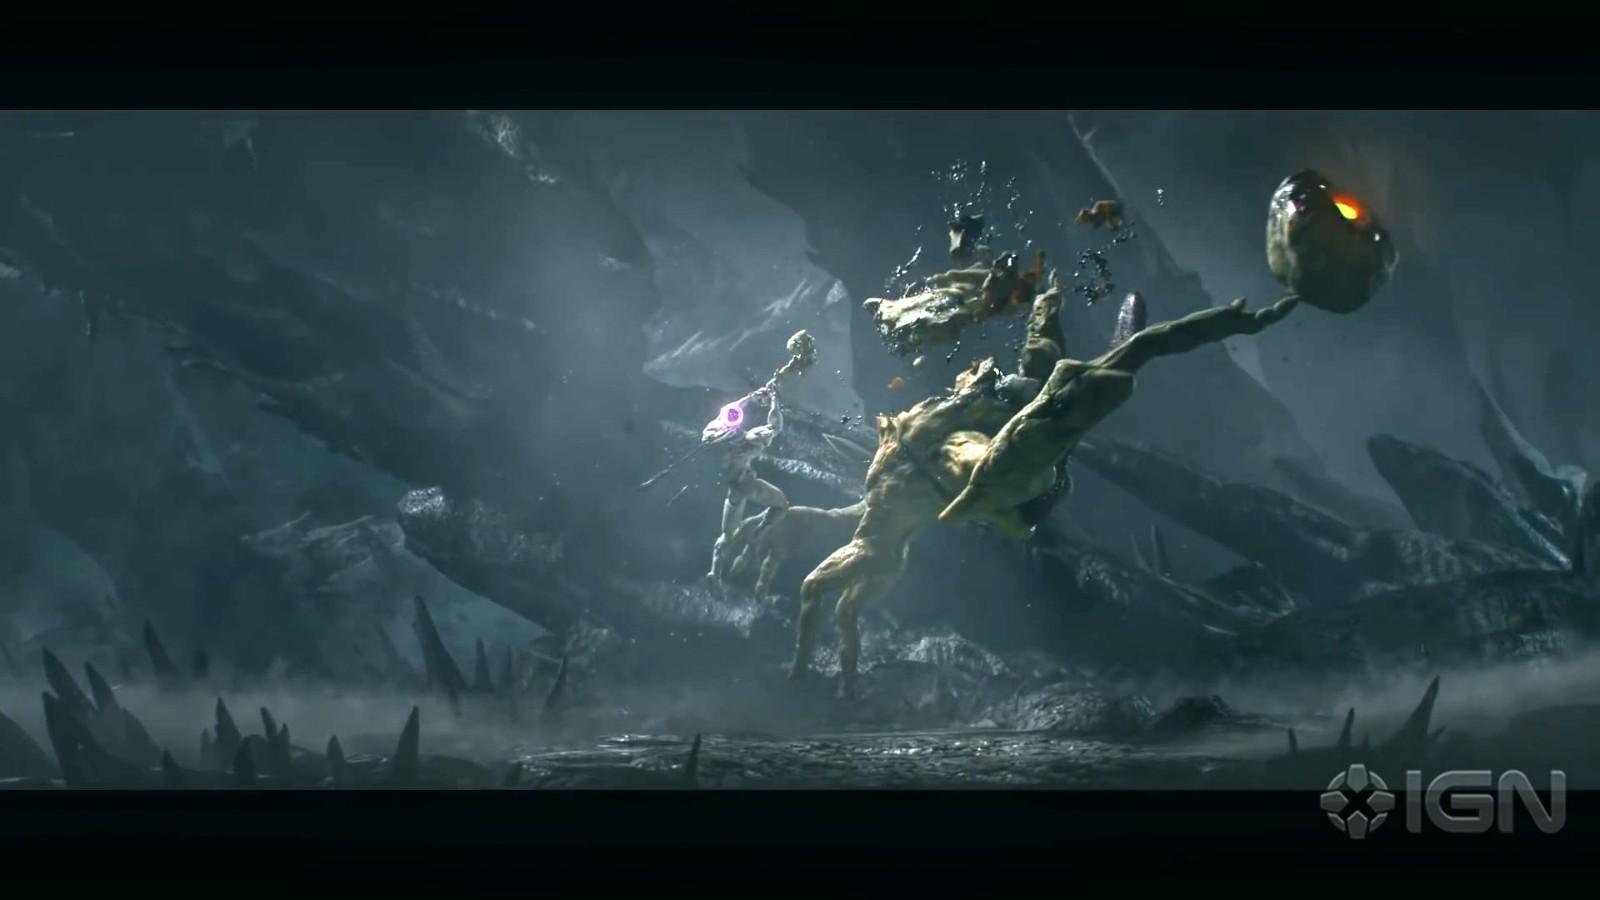 类魂动作冒险RPG《尘埃异变》新预告 大战群怪  第5张